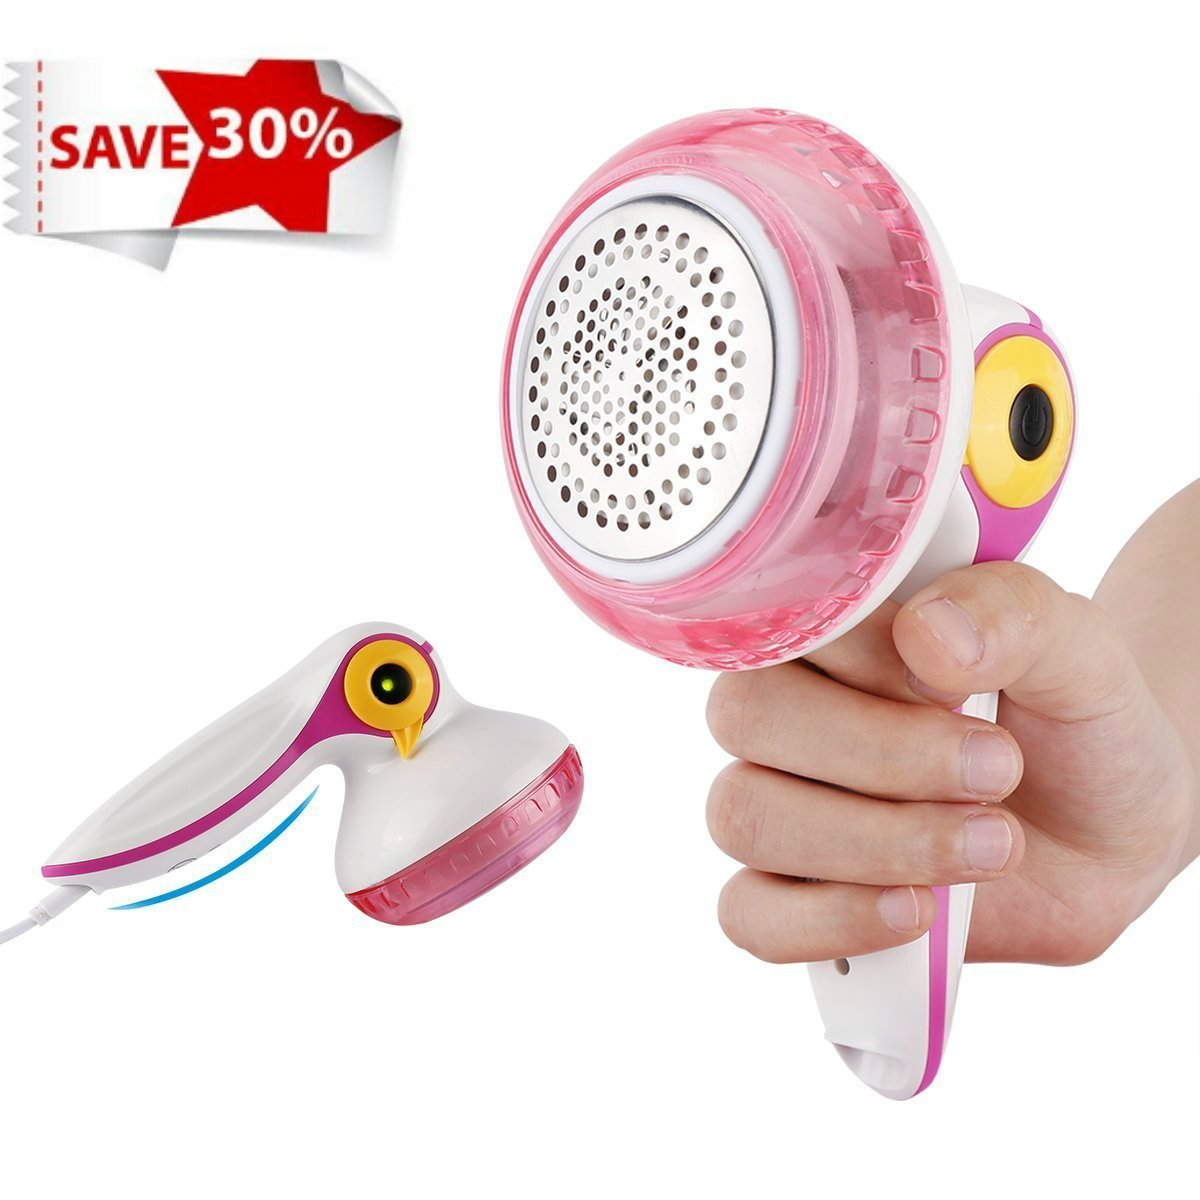 Levapelucchi Elettrico Lint Remover, USB Ricaricabile Tessuto Fluff Remover Shaver per Moquette Abbigliamento Maglione Divano Scheam